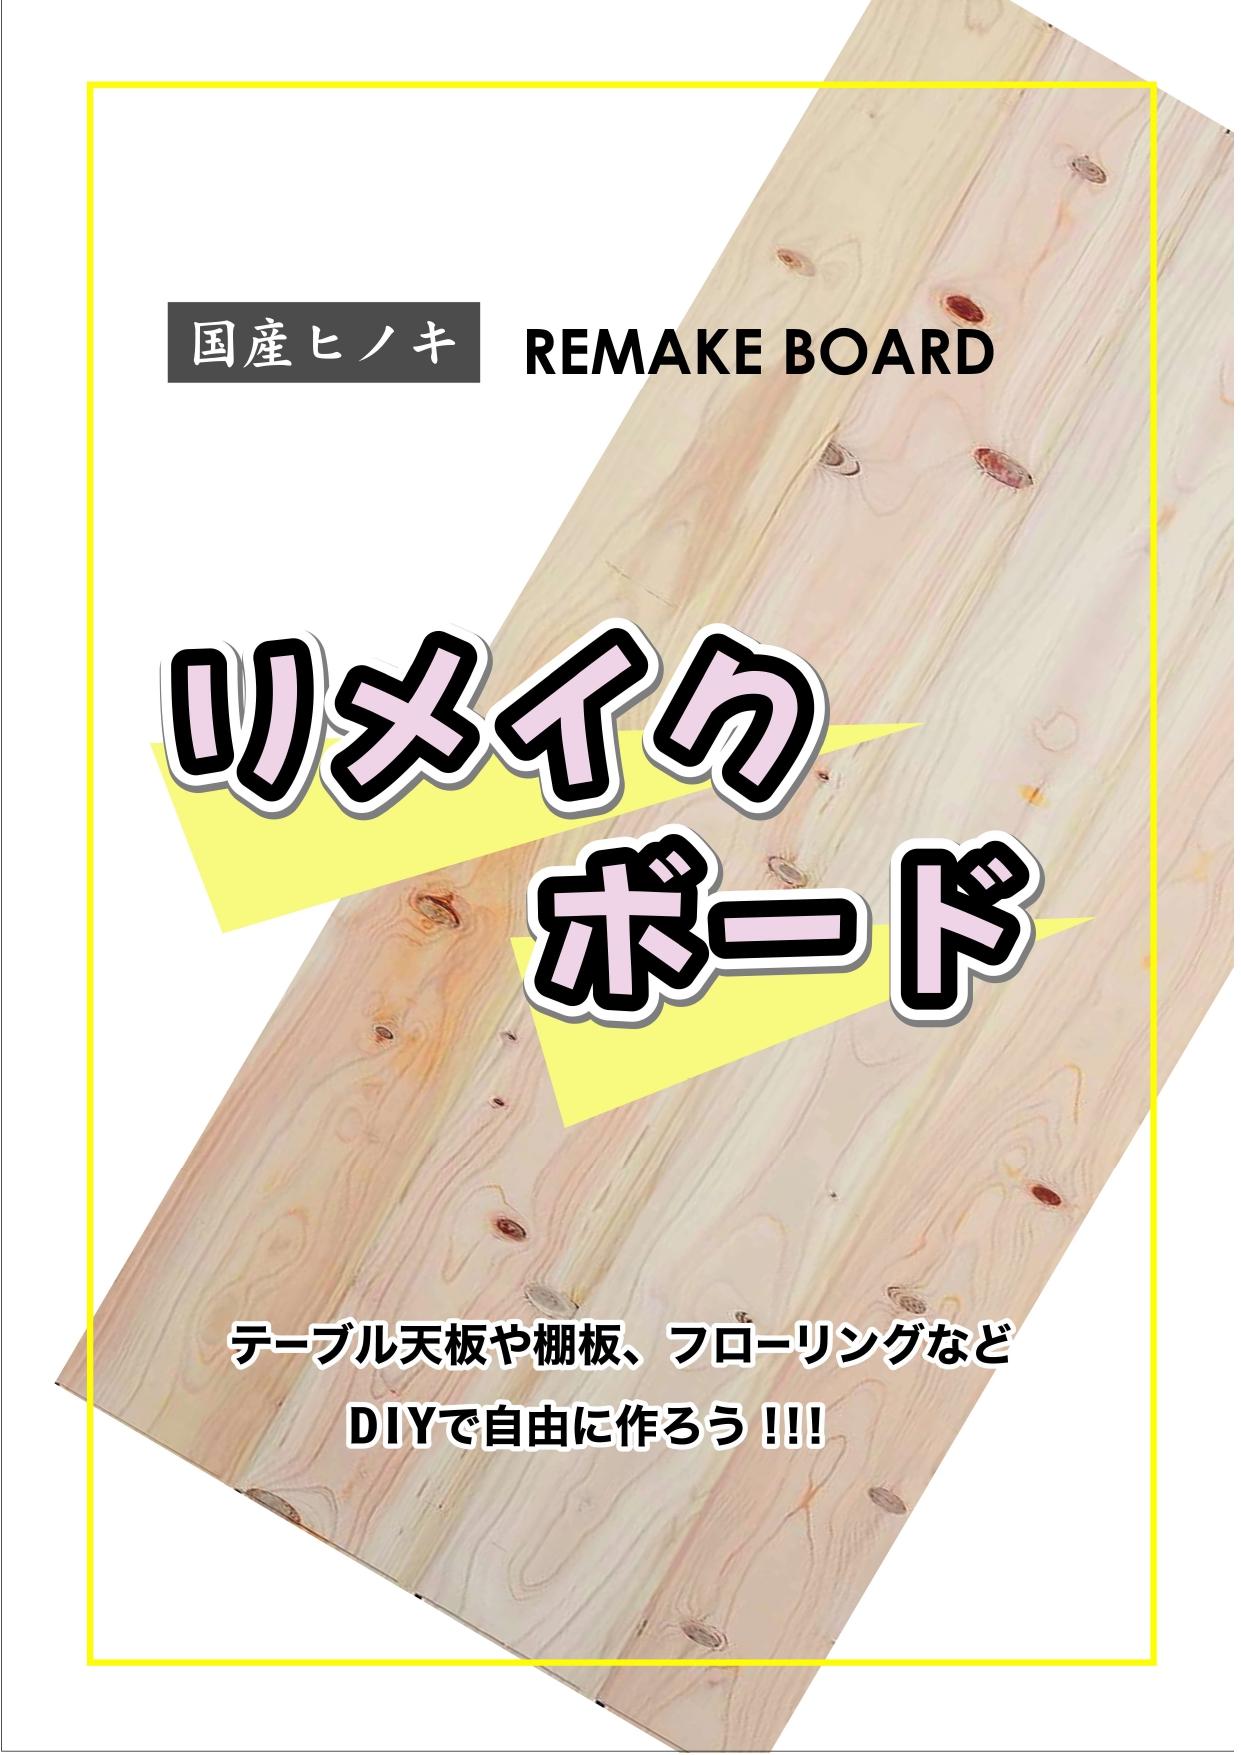 remakeboard-1